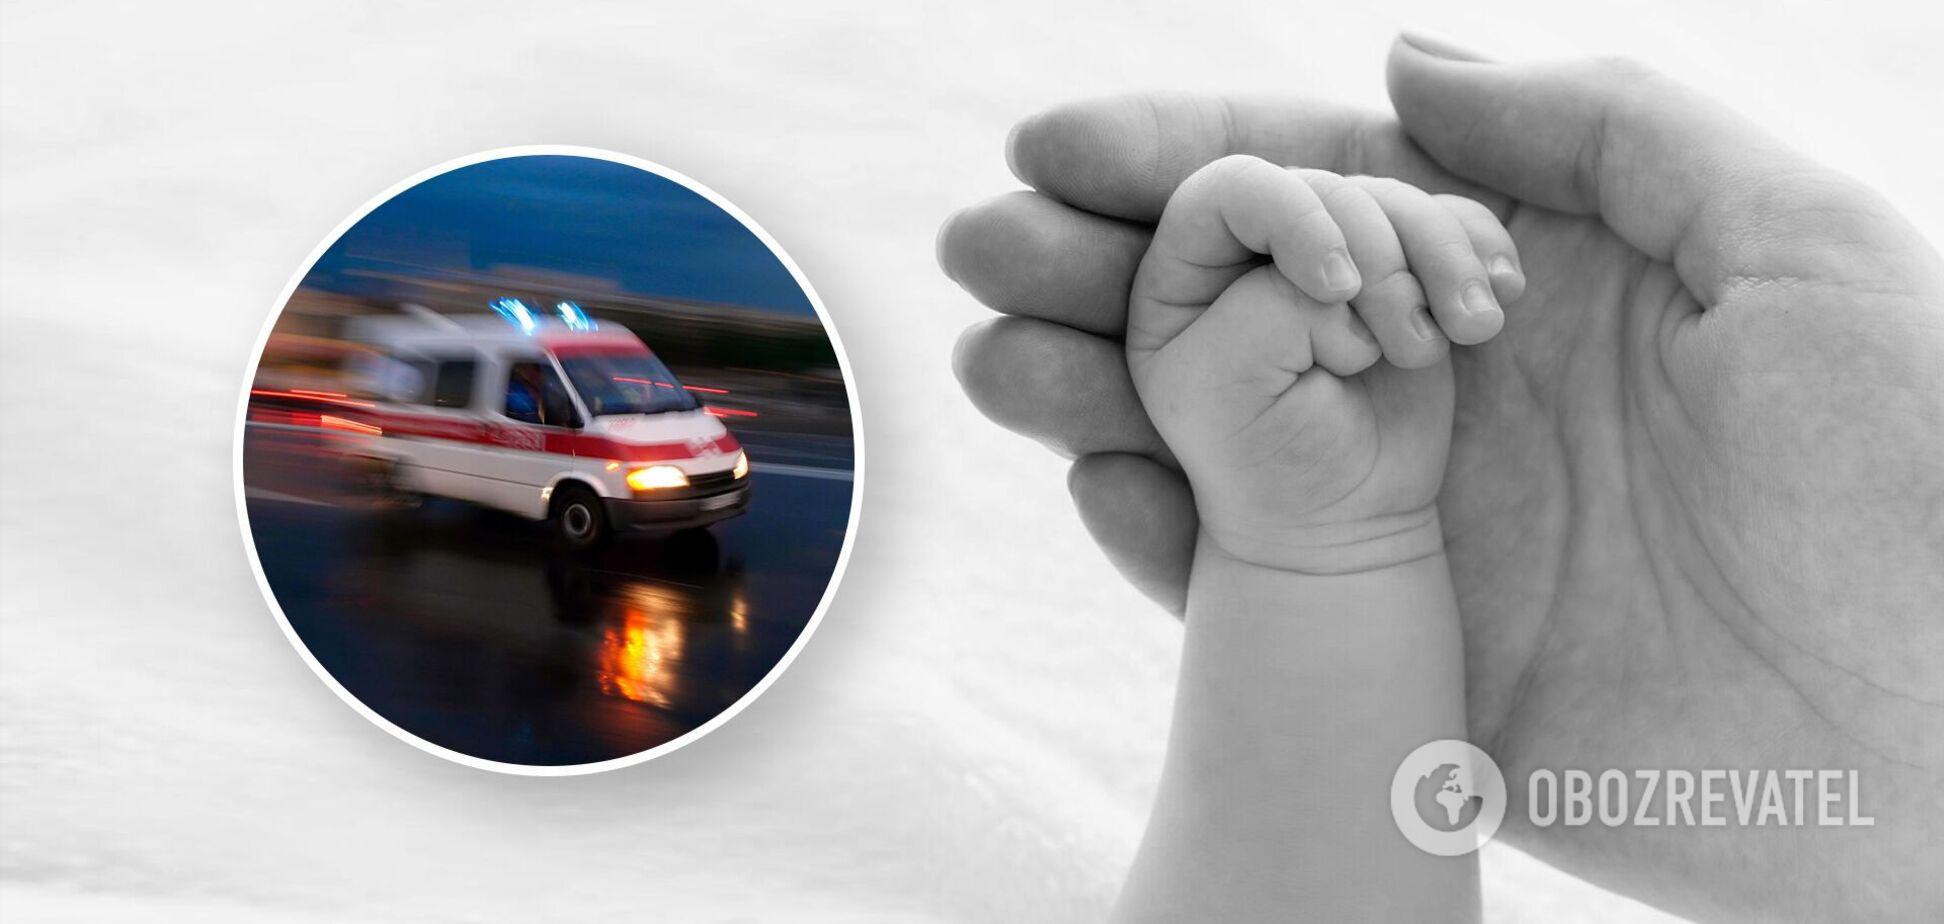 'Дочка стукала в двері лікарні, ніхто не відчиняв': подробиці загибелі однорічної дитини на Тернопільщині